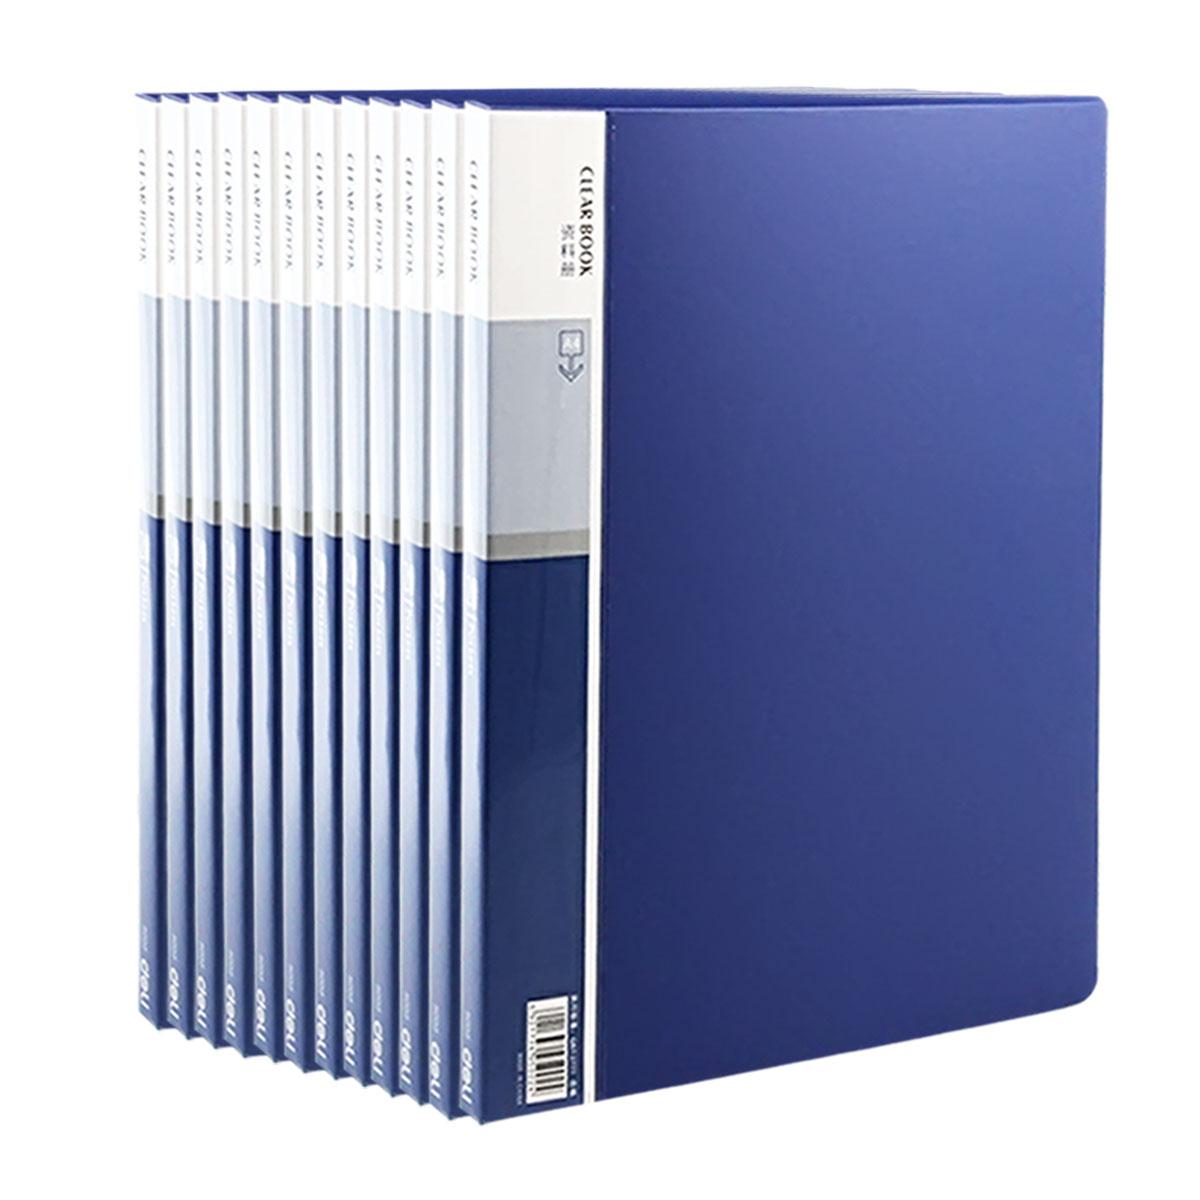 得力 5002 20页资料册 (单位:本) 蓝